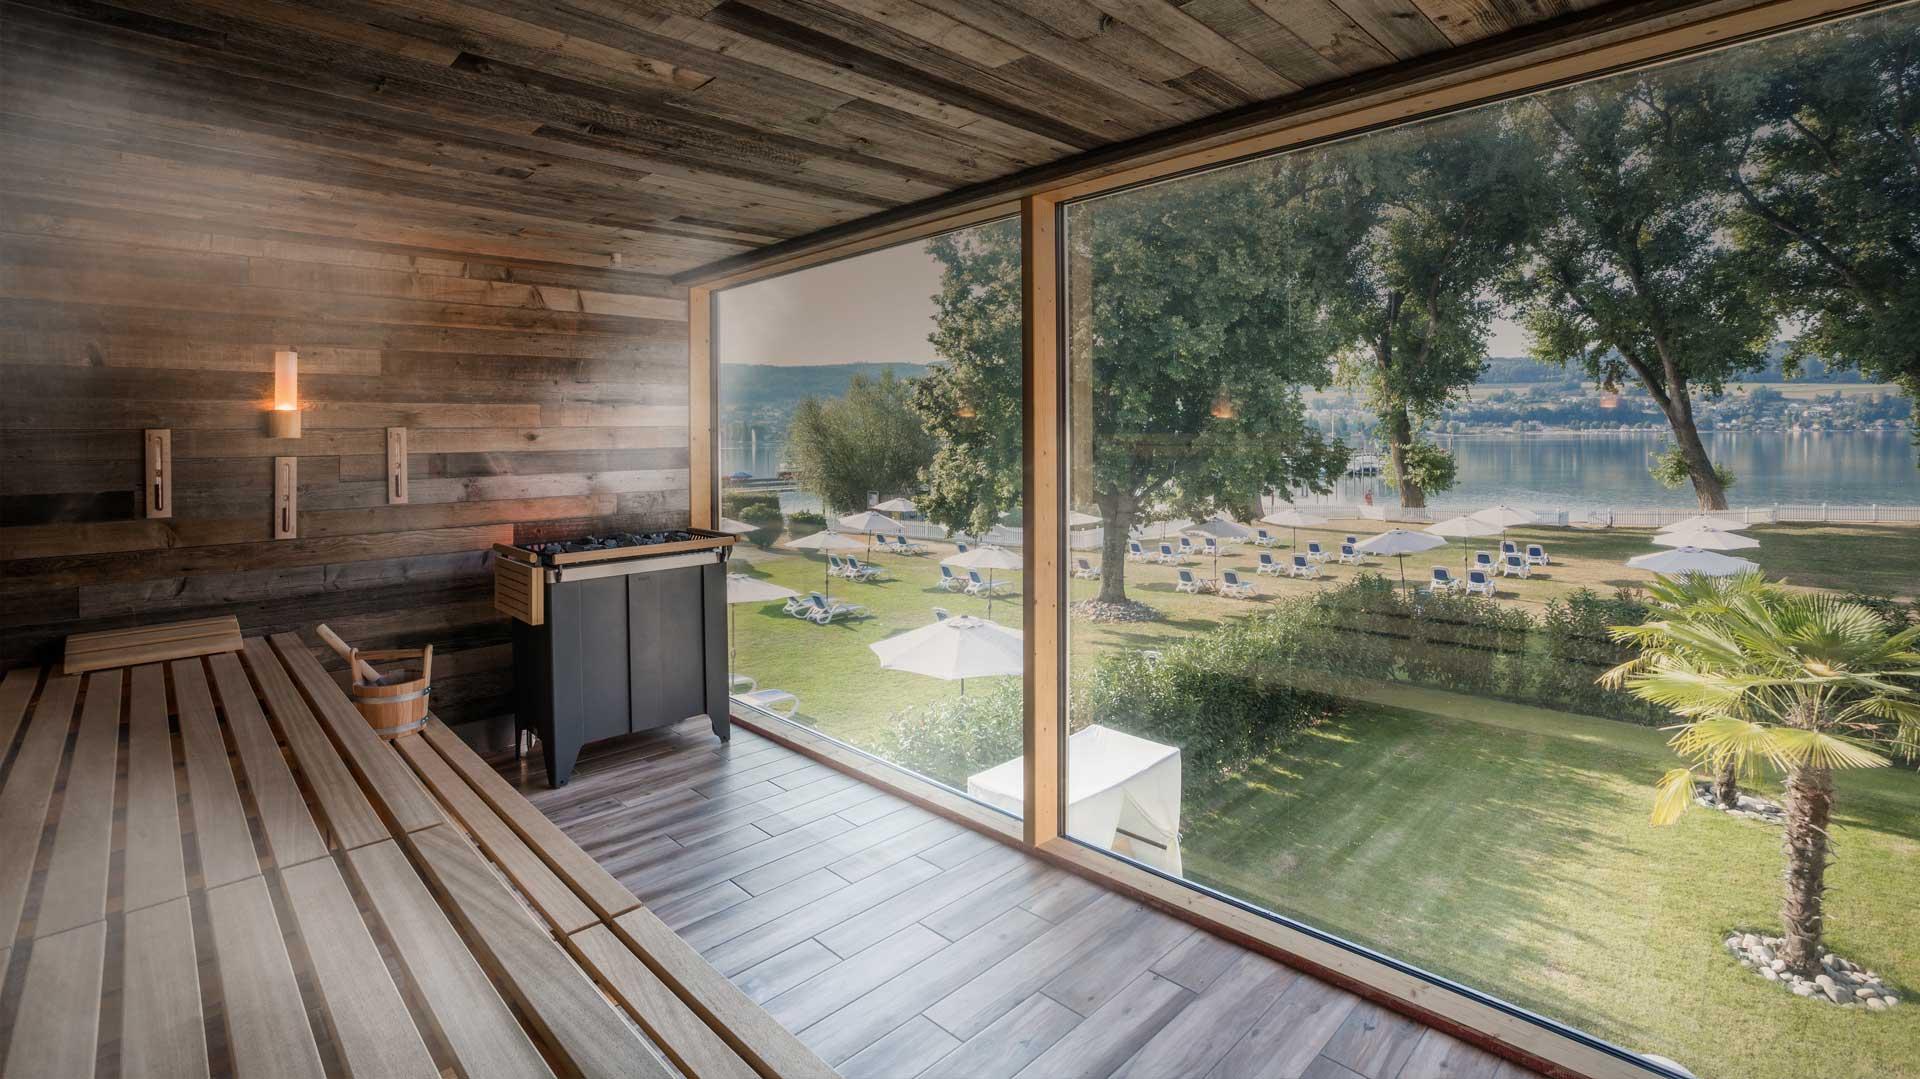 Panoramasauna mit Blick auf den Bodensee |Hotel HOERI